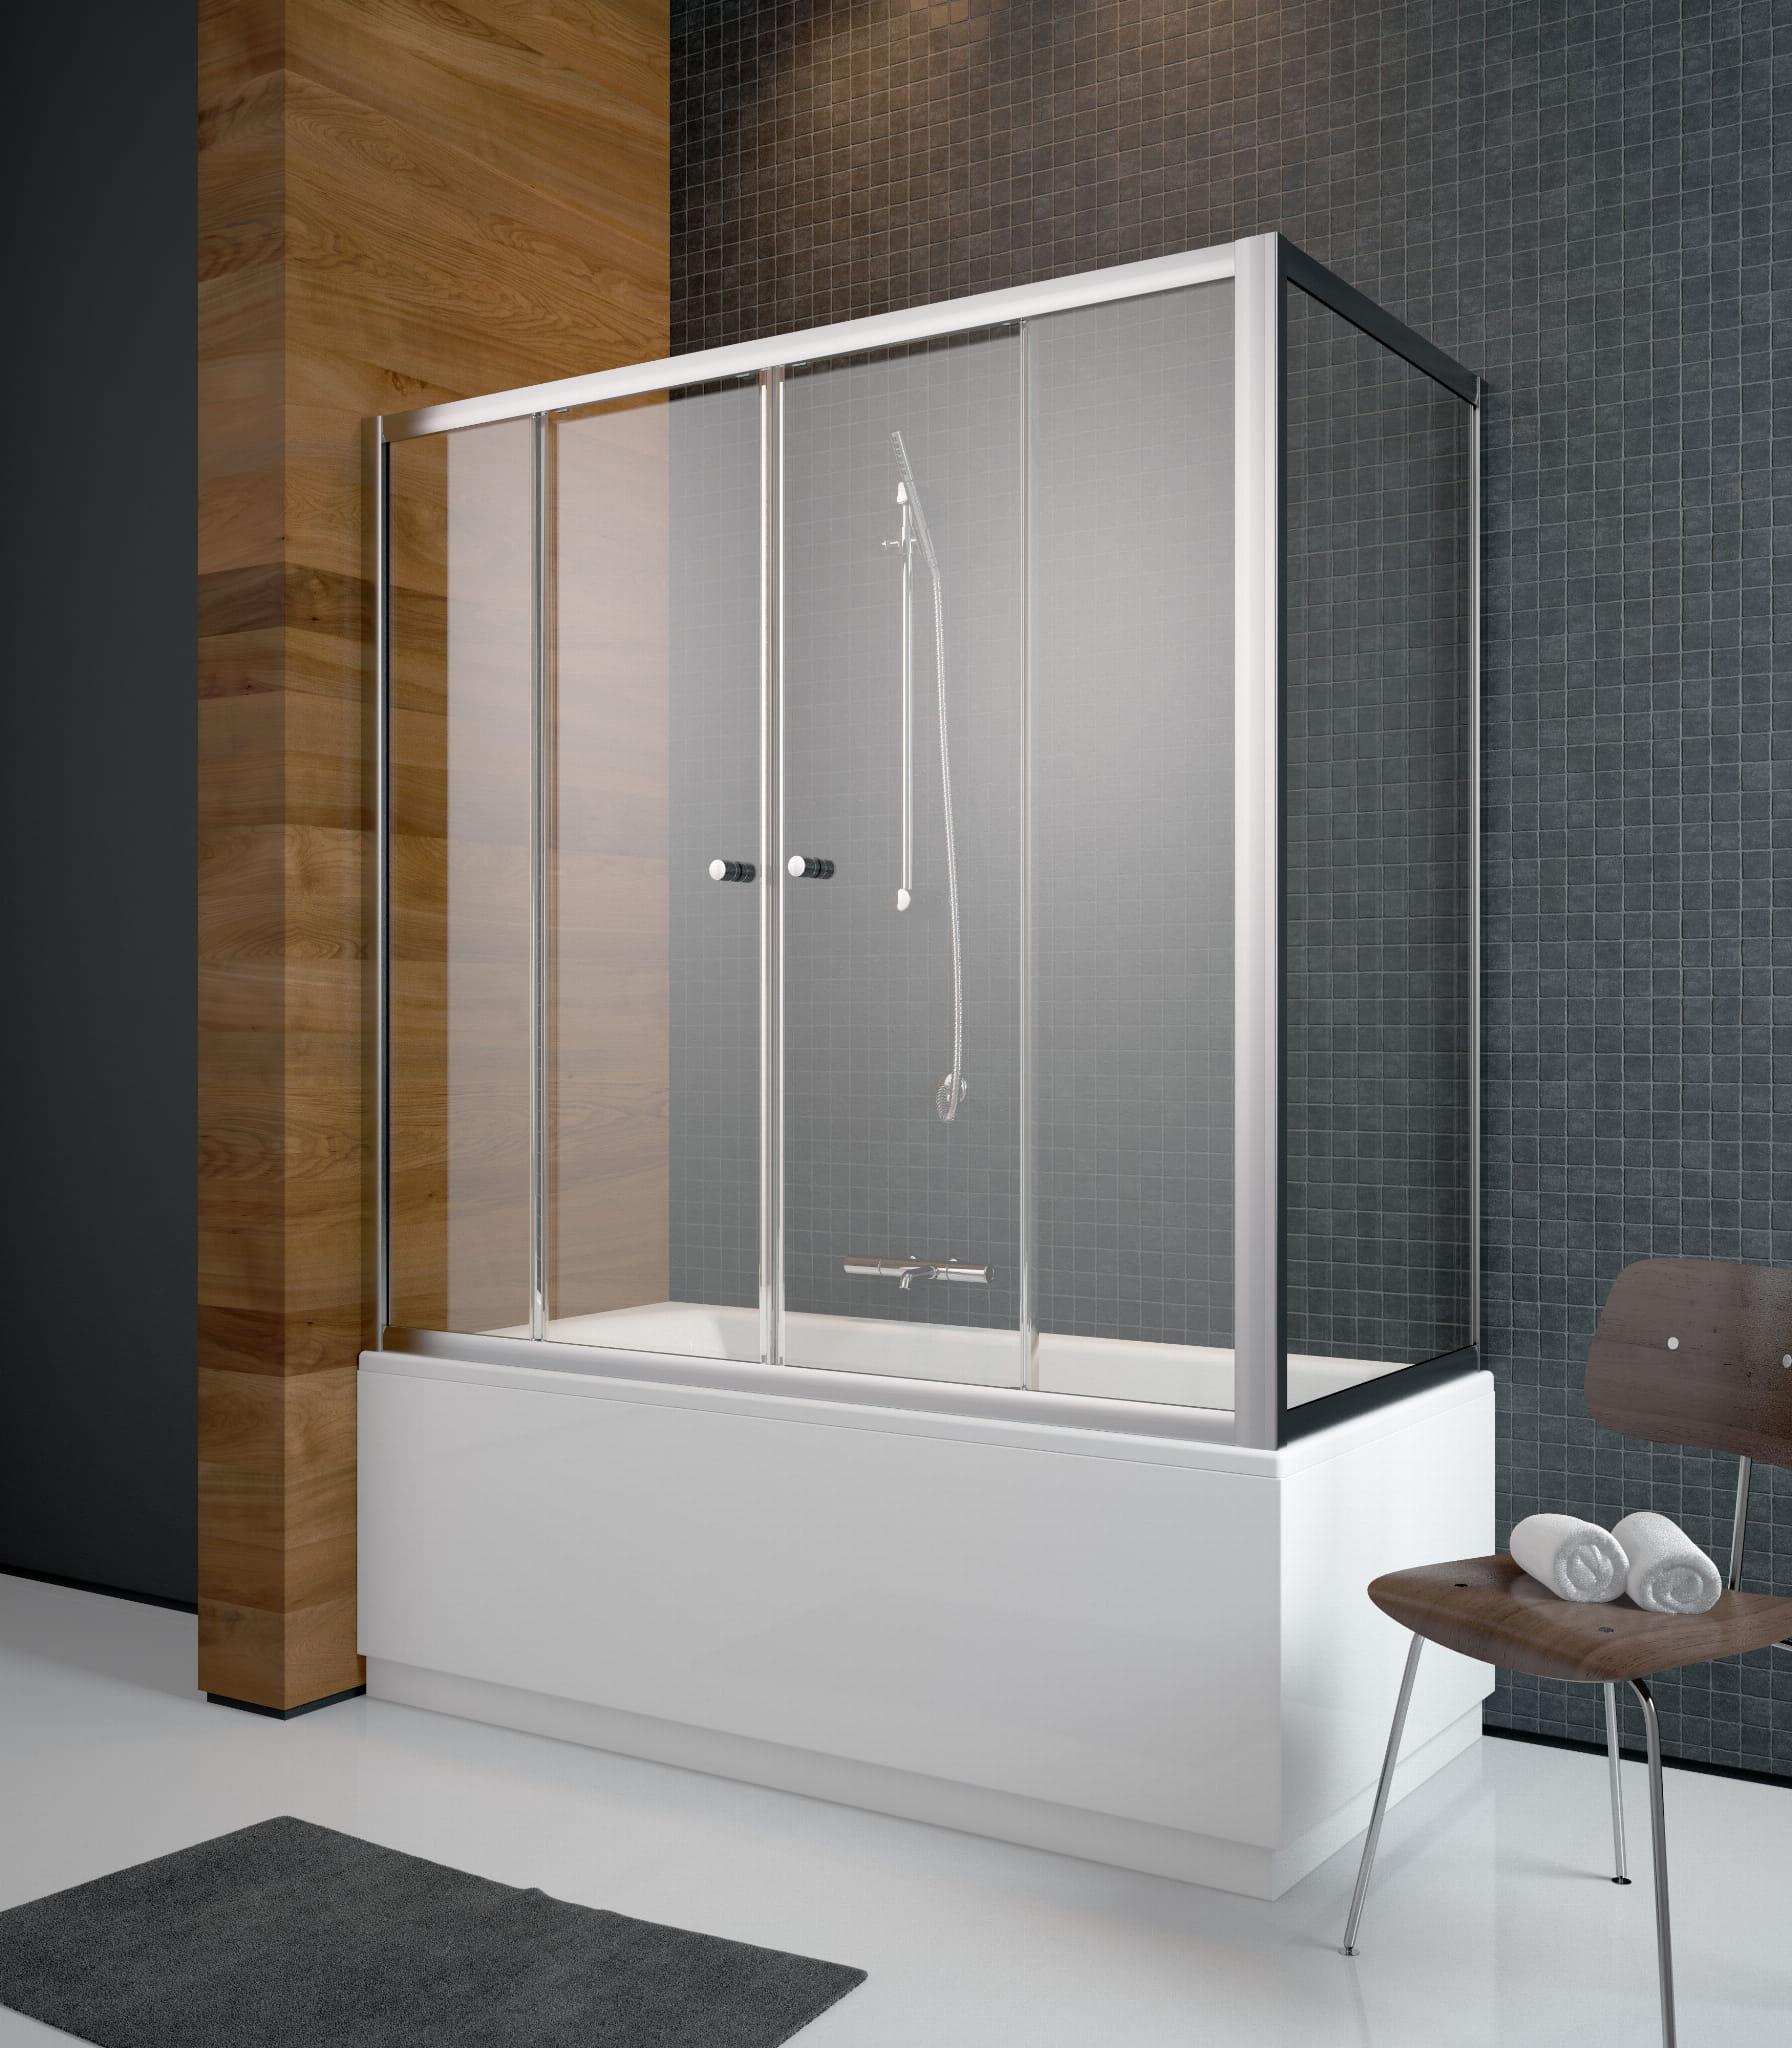 Radaway zabudowa nawannowa Vesta DWD+S 150 x 70,  szkło Fabric, wys. 150 cm 203150-06/204070-06